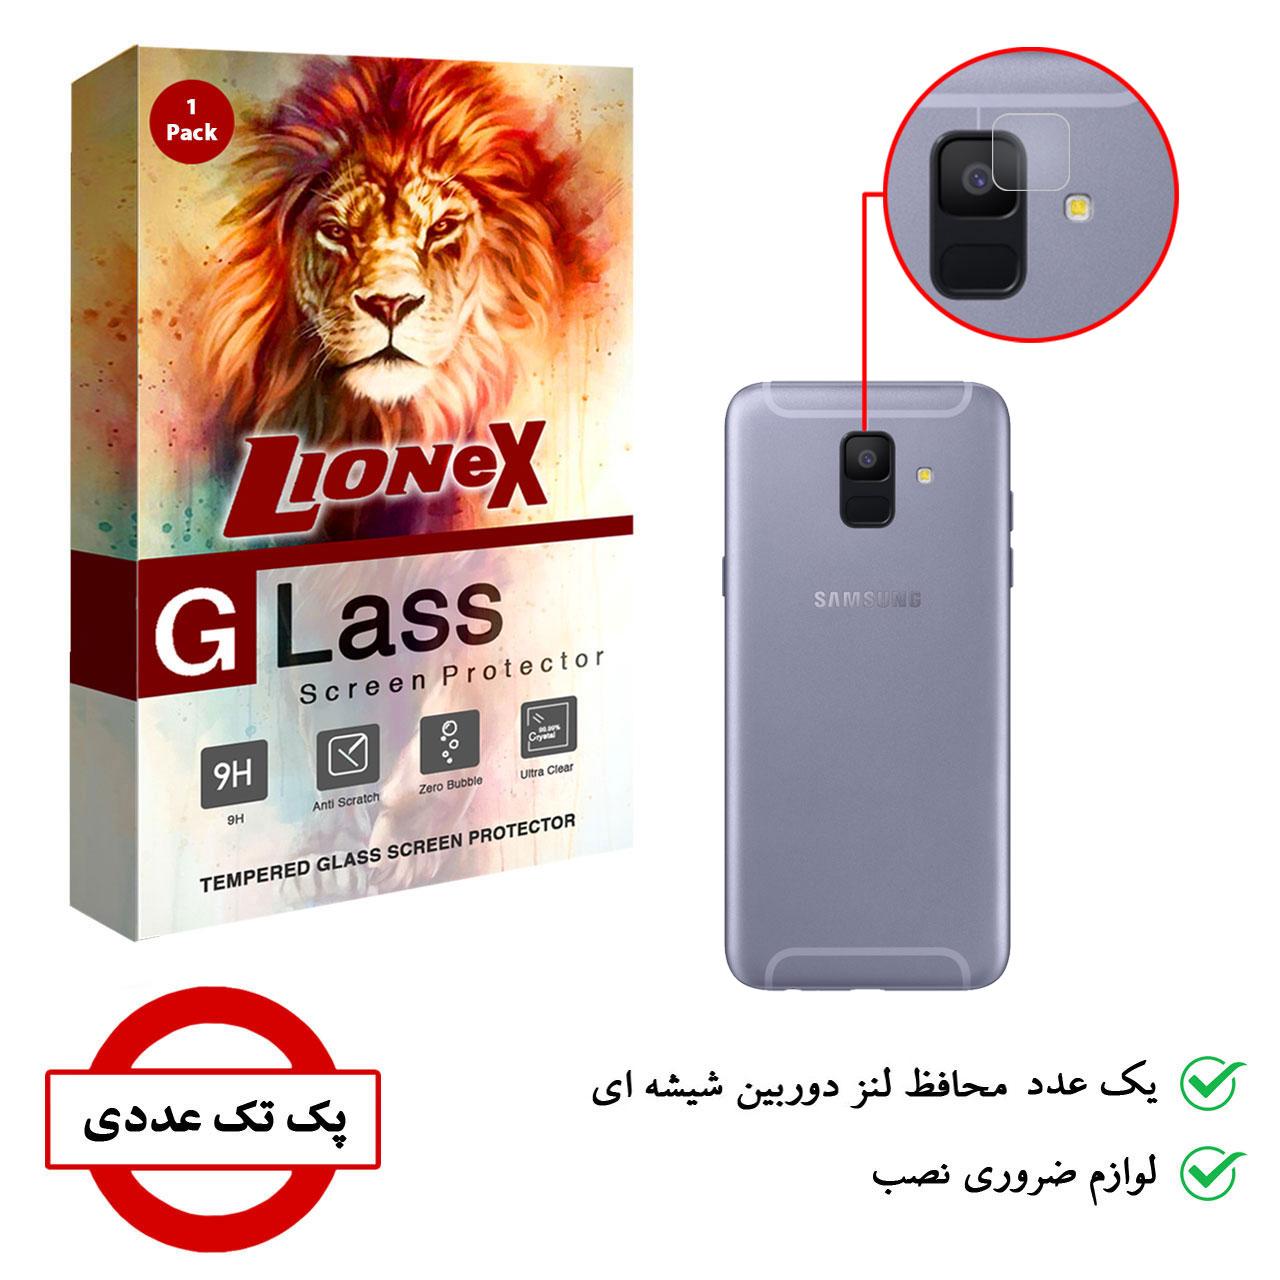 محافظ لنز دوربین لایونکس مدل UTFS مناسب برای گوشی موبایل سامسونگ Galaxy A6 2018